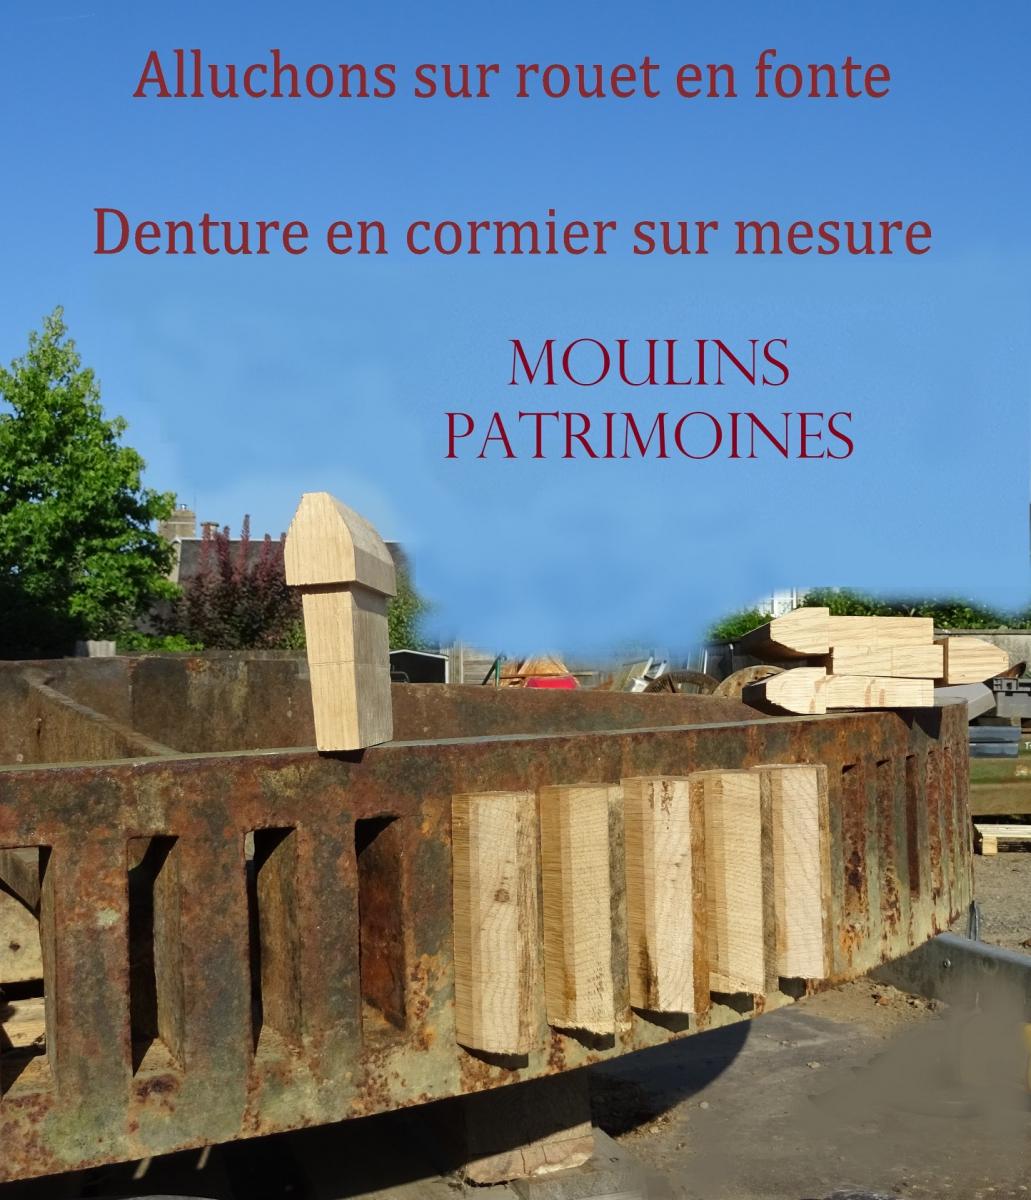 Alluchons cormier  Moulins-Patrimoines